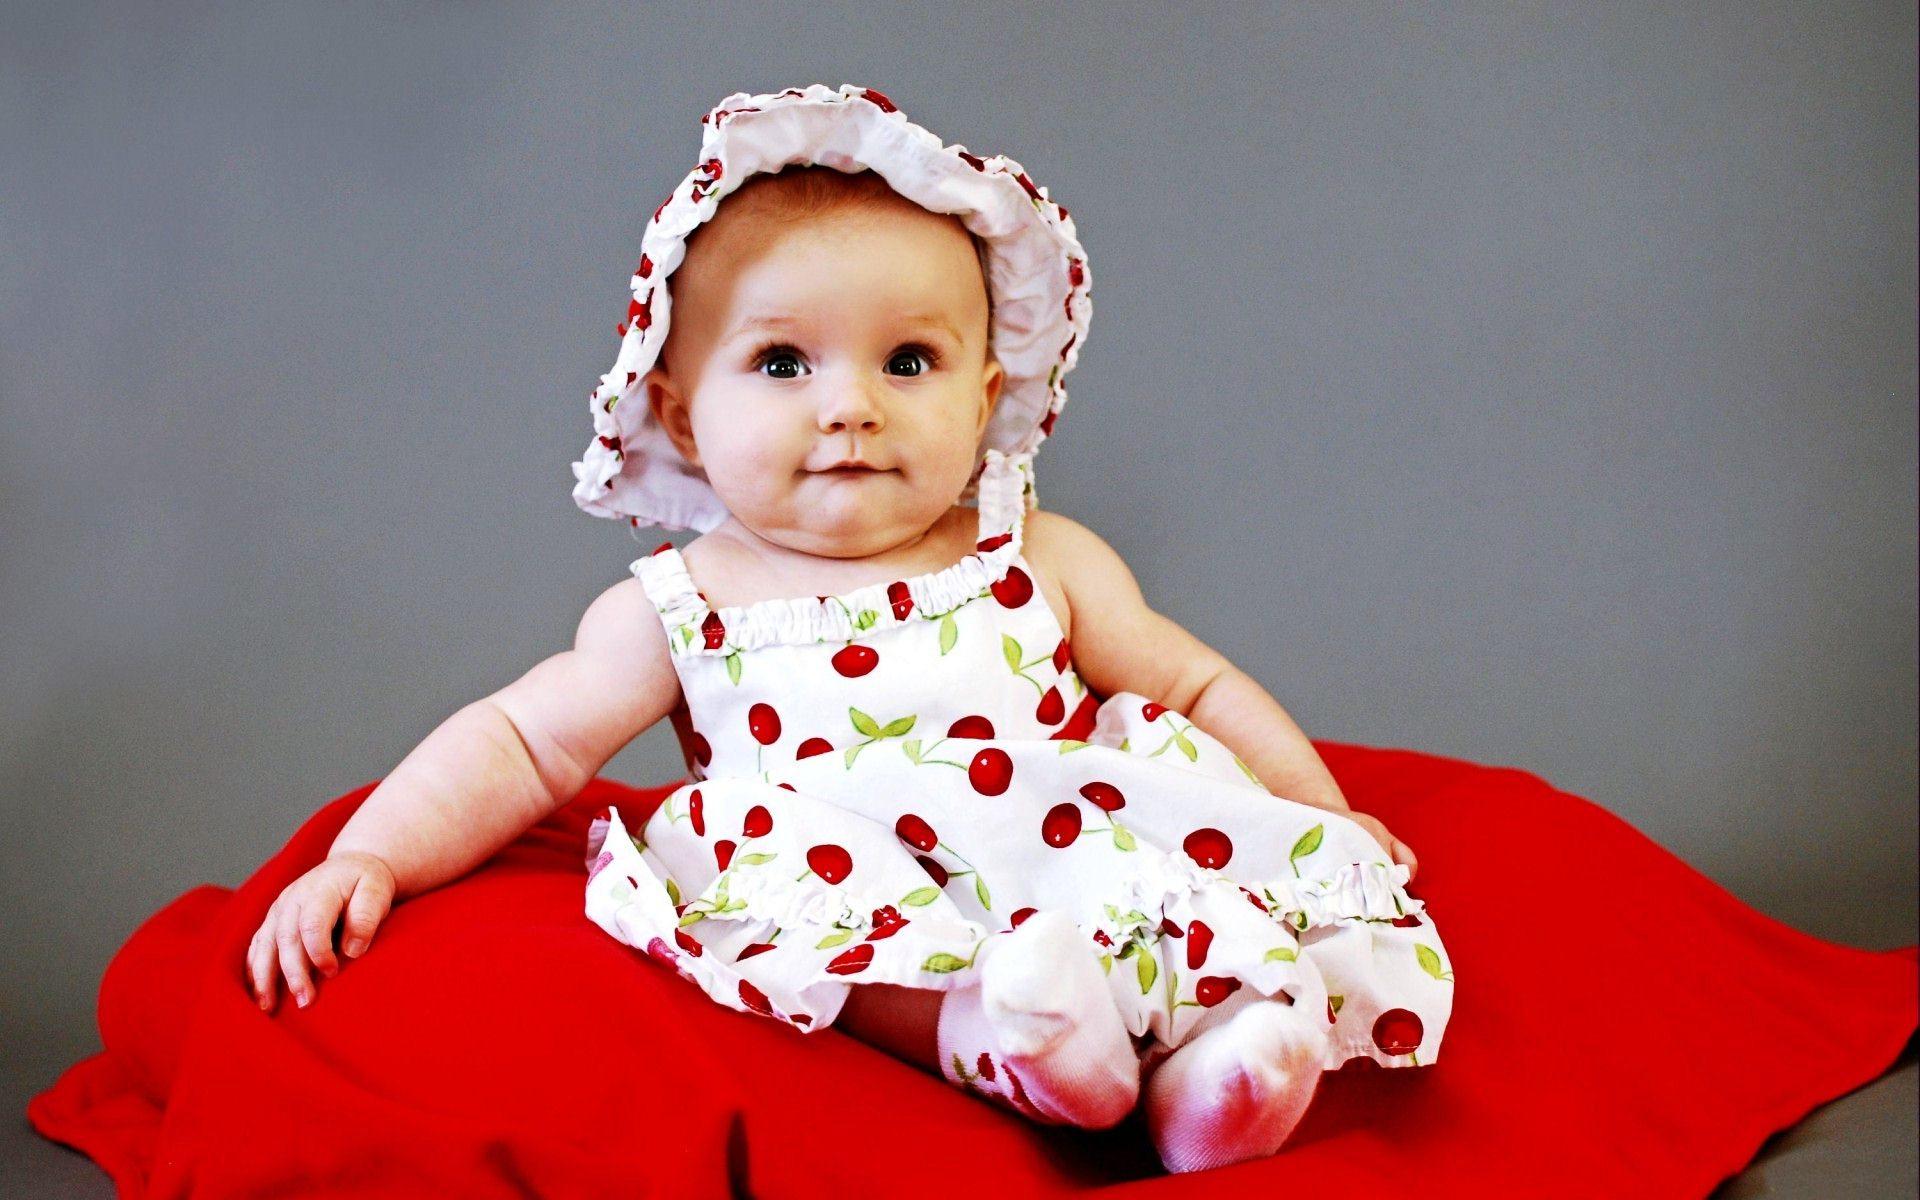 Смотреть маленькие одежды фото 4 фотография